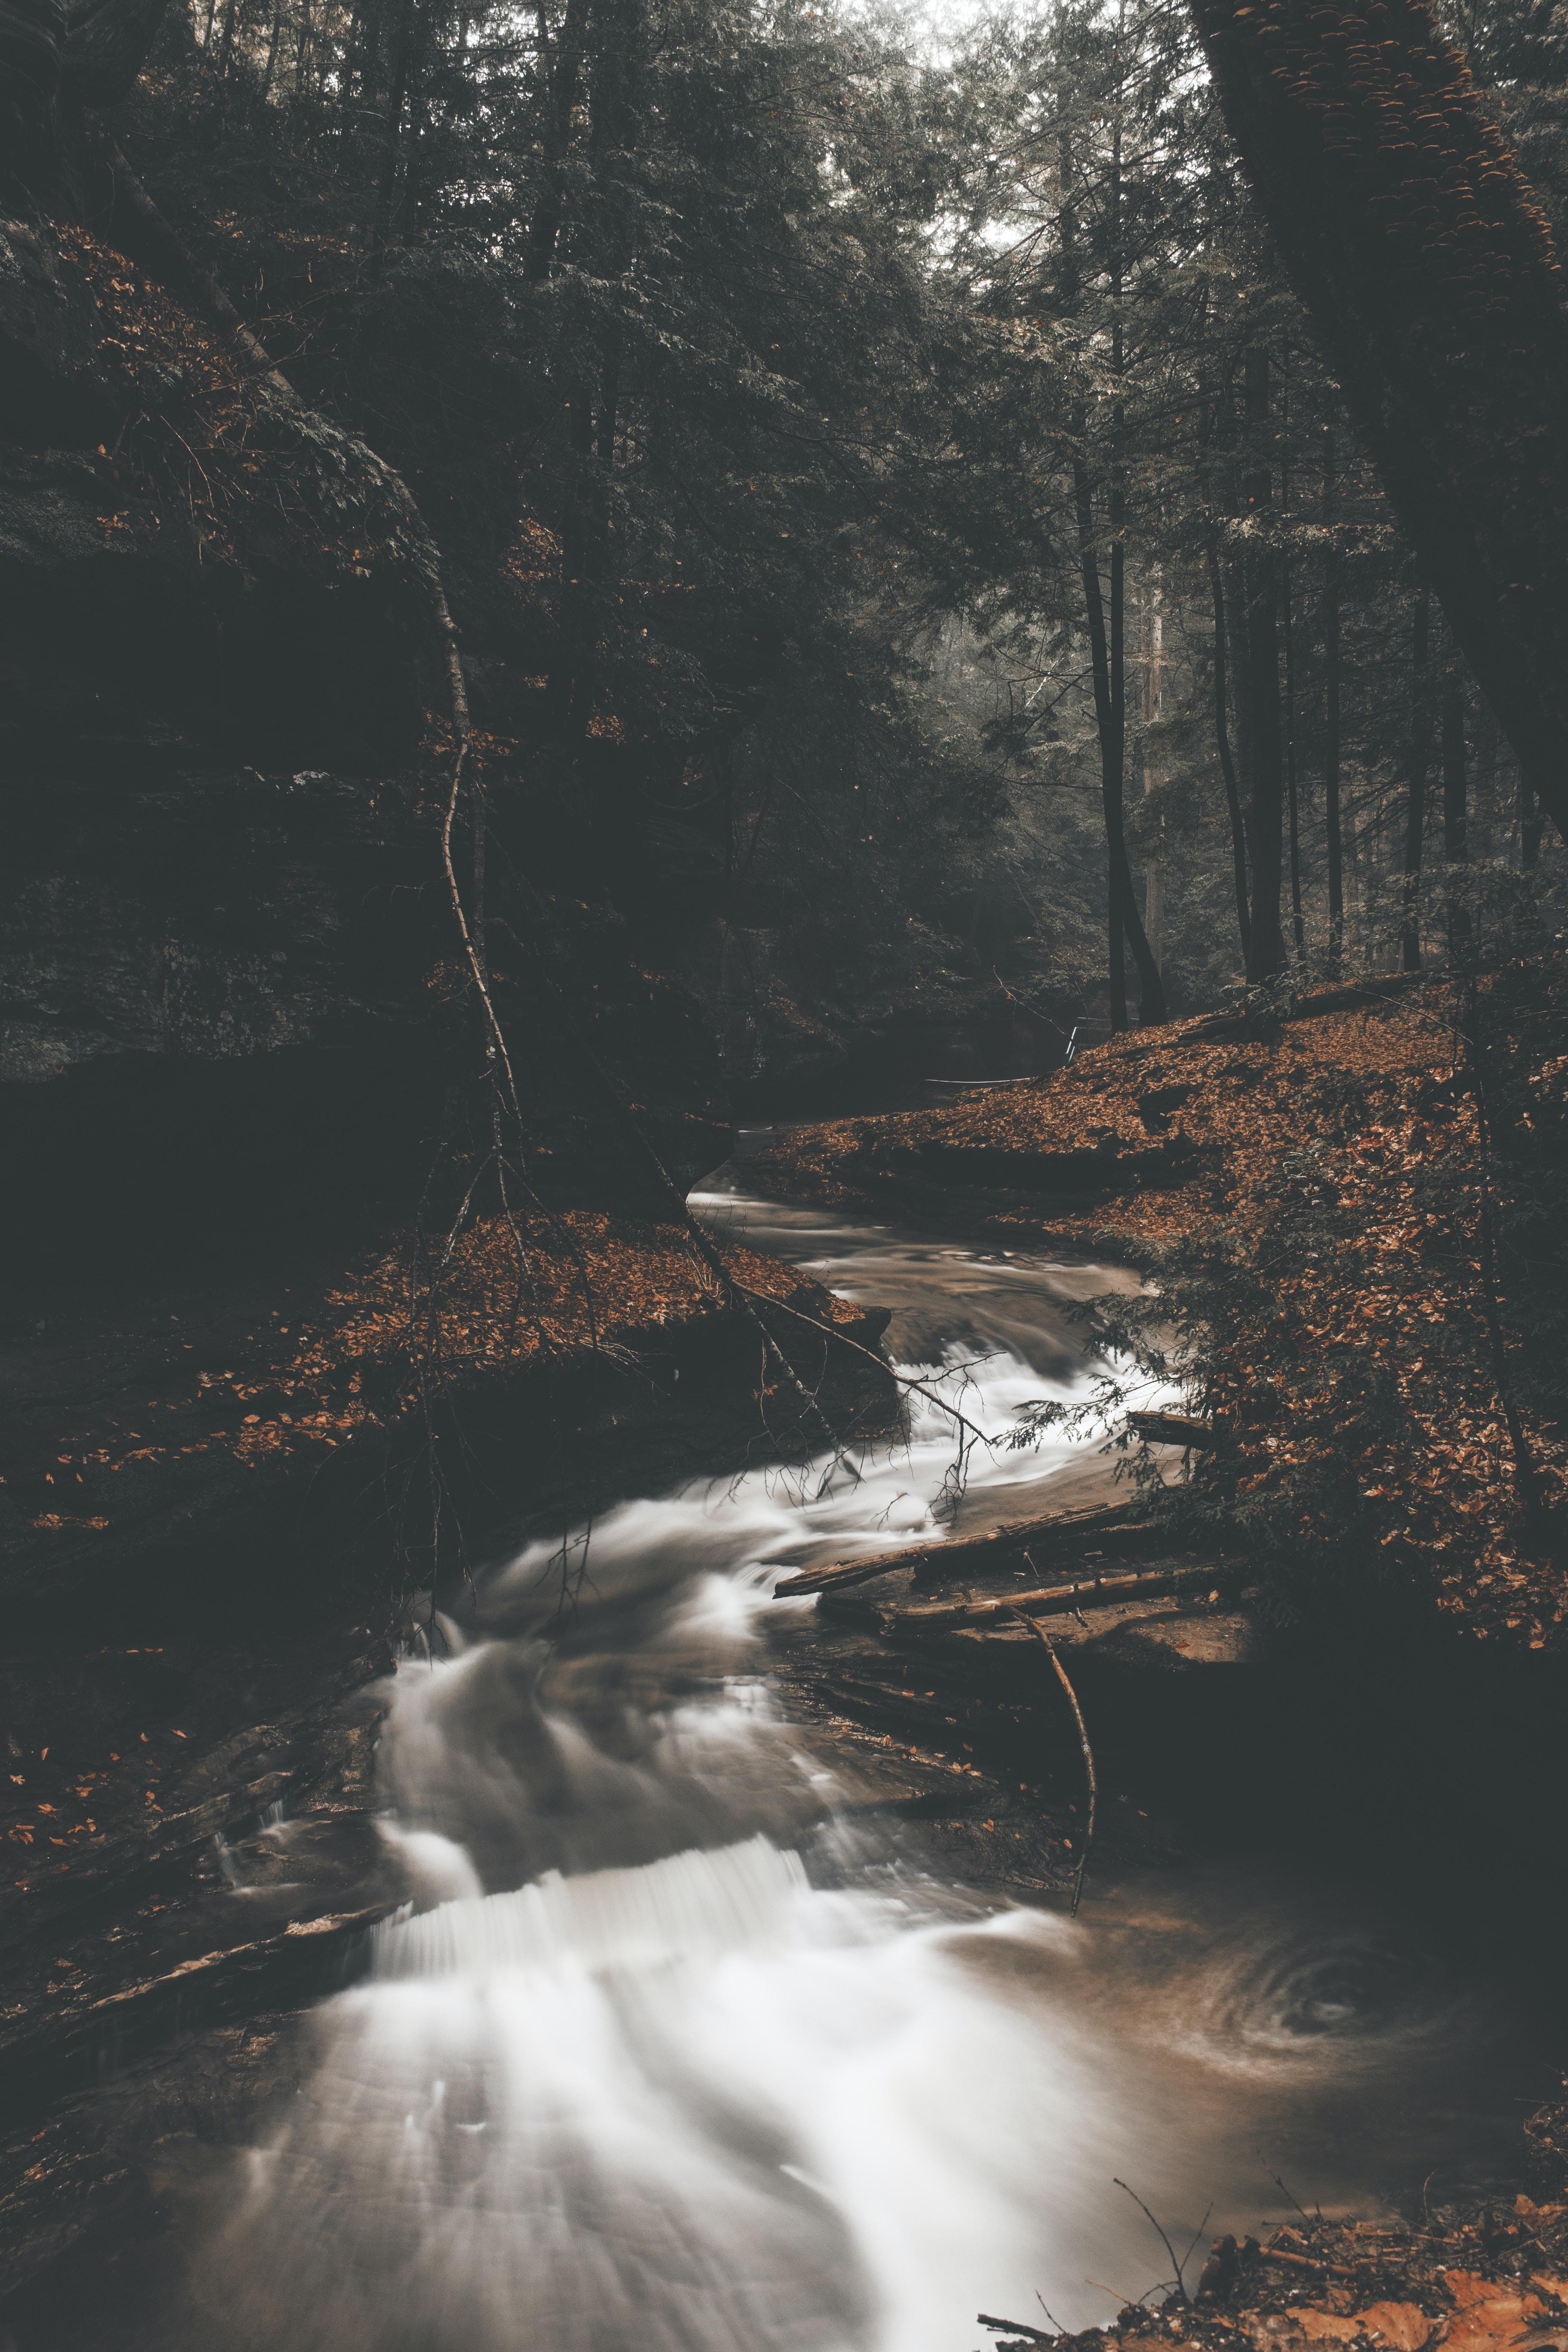 running water between trees